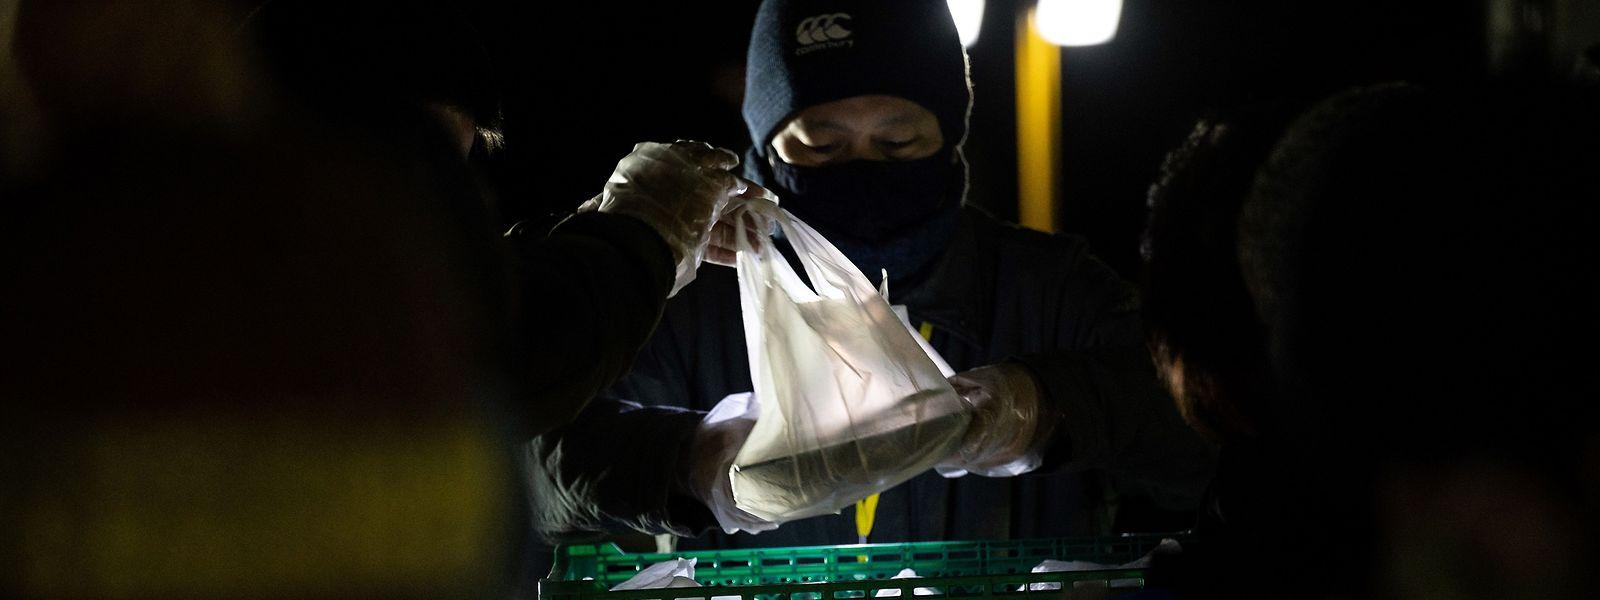 Voluntários da ONG japonesa Tenohasi preparam sacos de comida para serem levantados por pessoas mais necessitadas em Tóquio, capital japonesa.